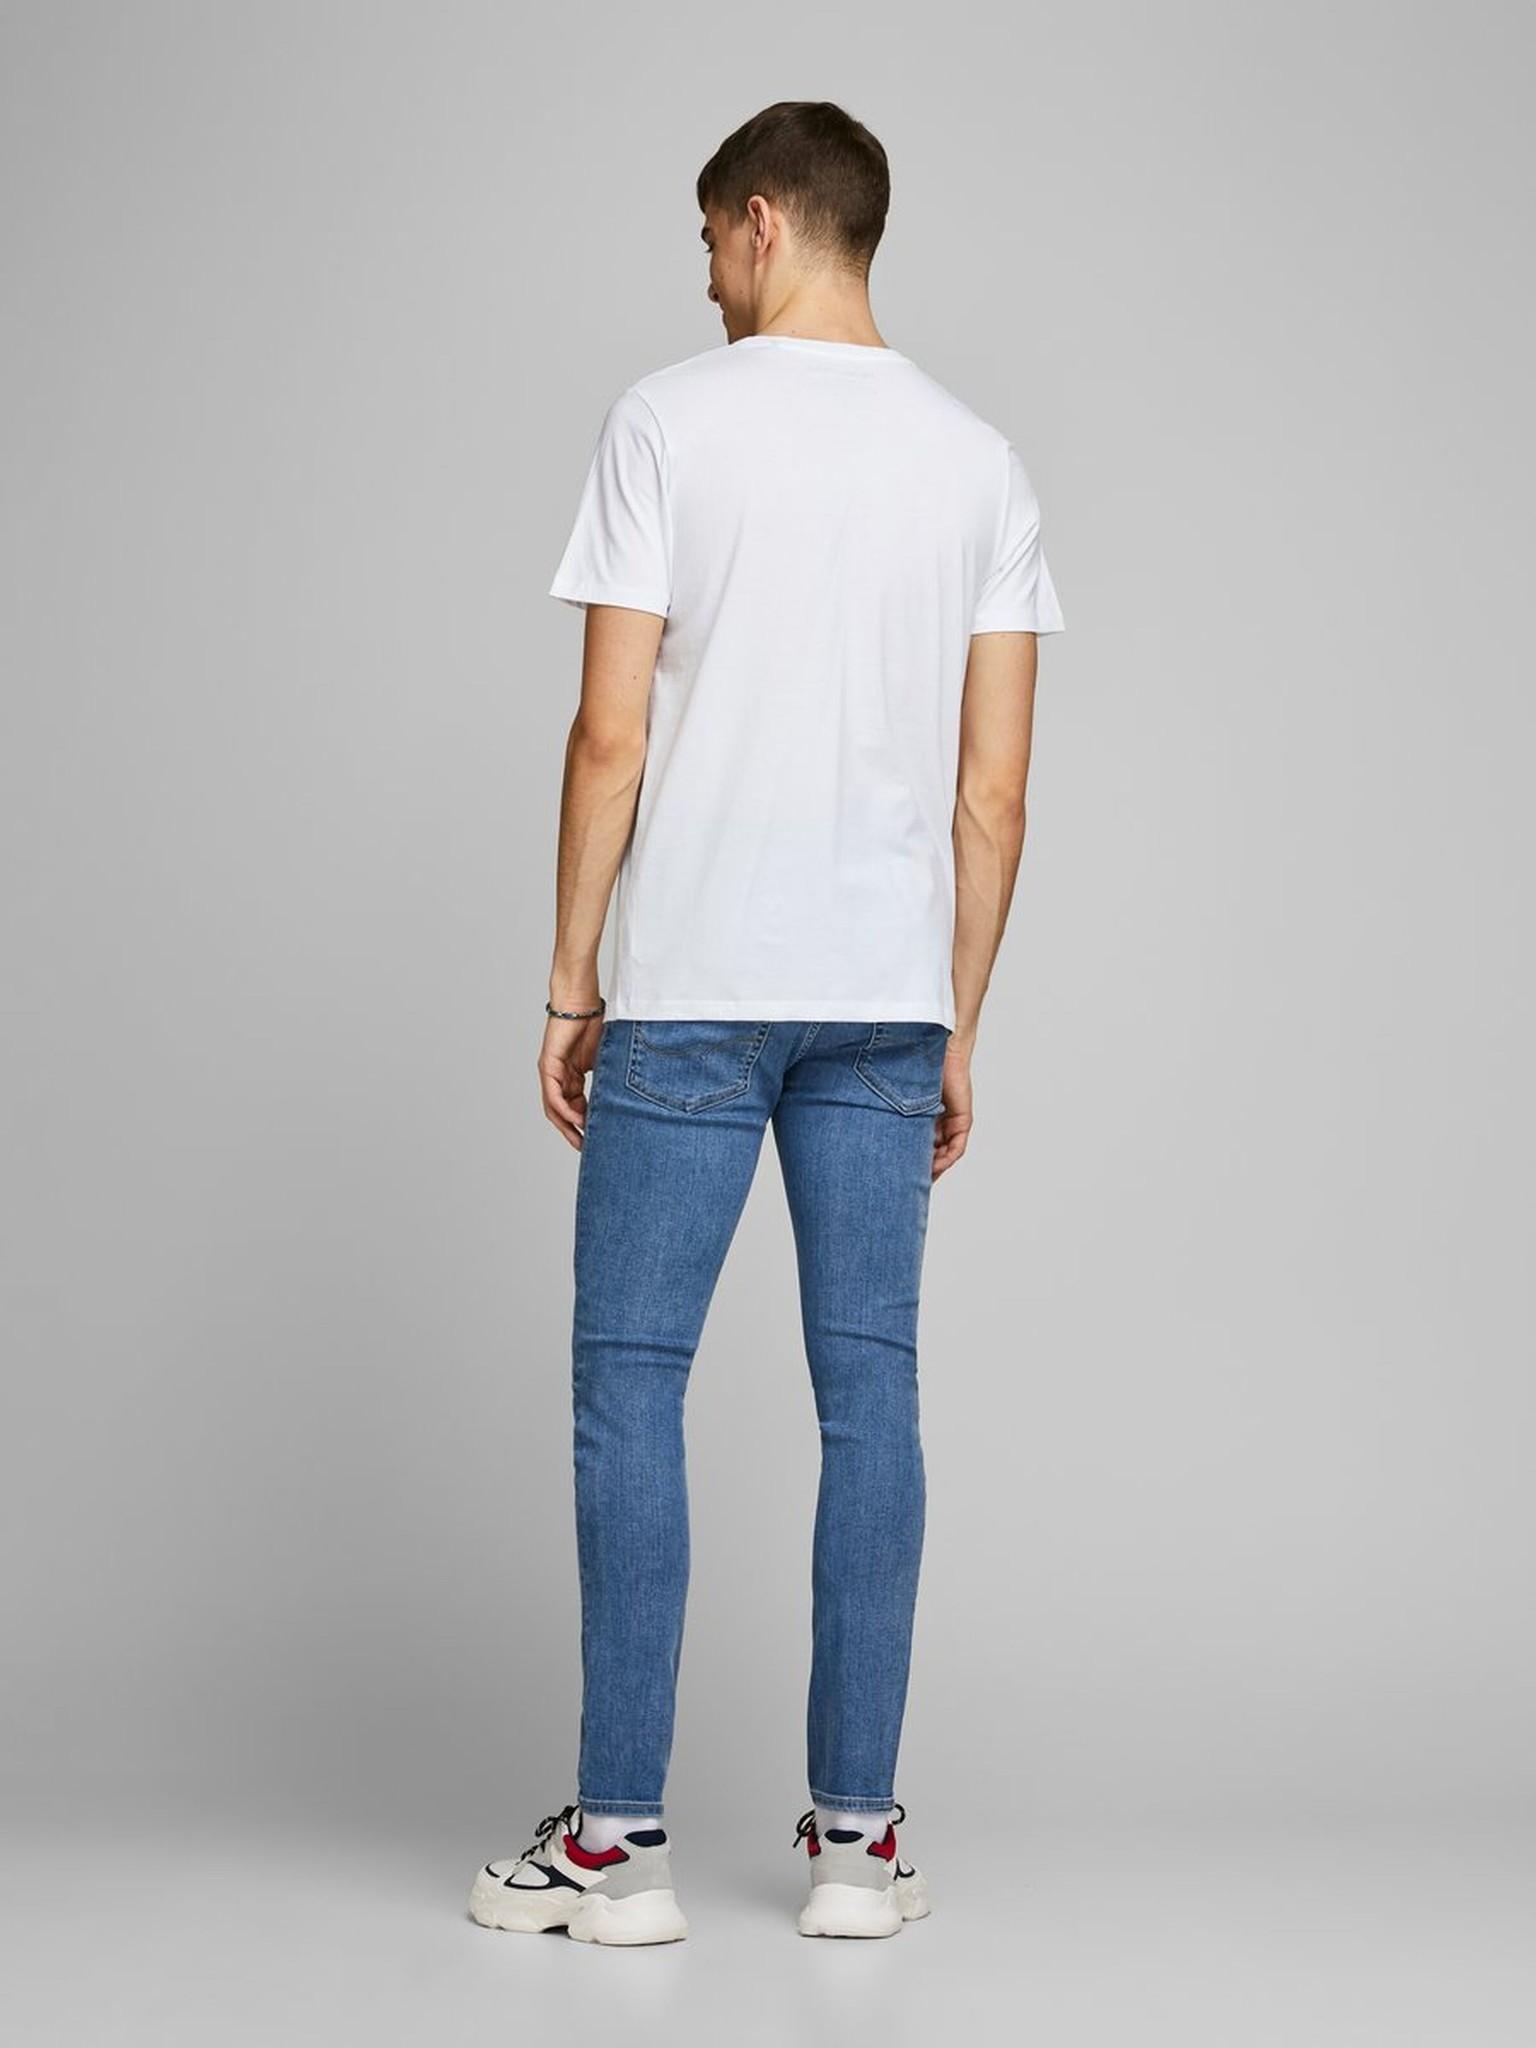 JACK & JONES coton biologique t shirt-3